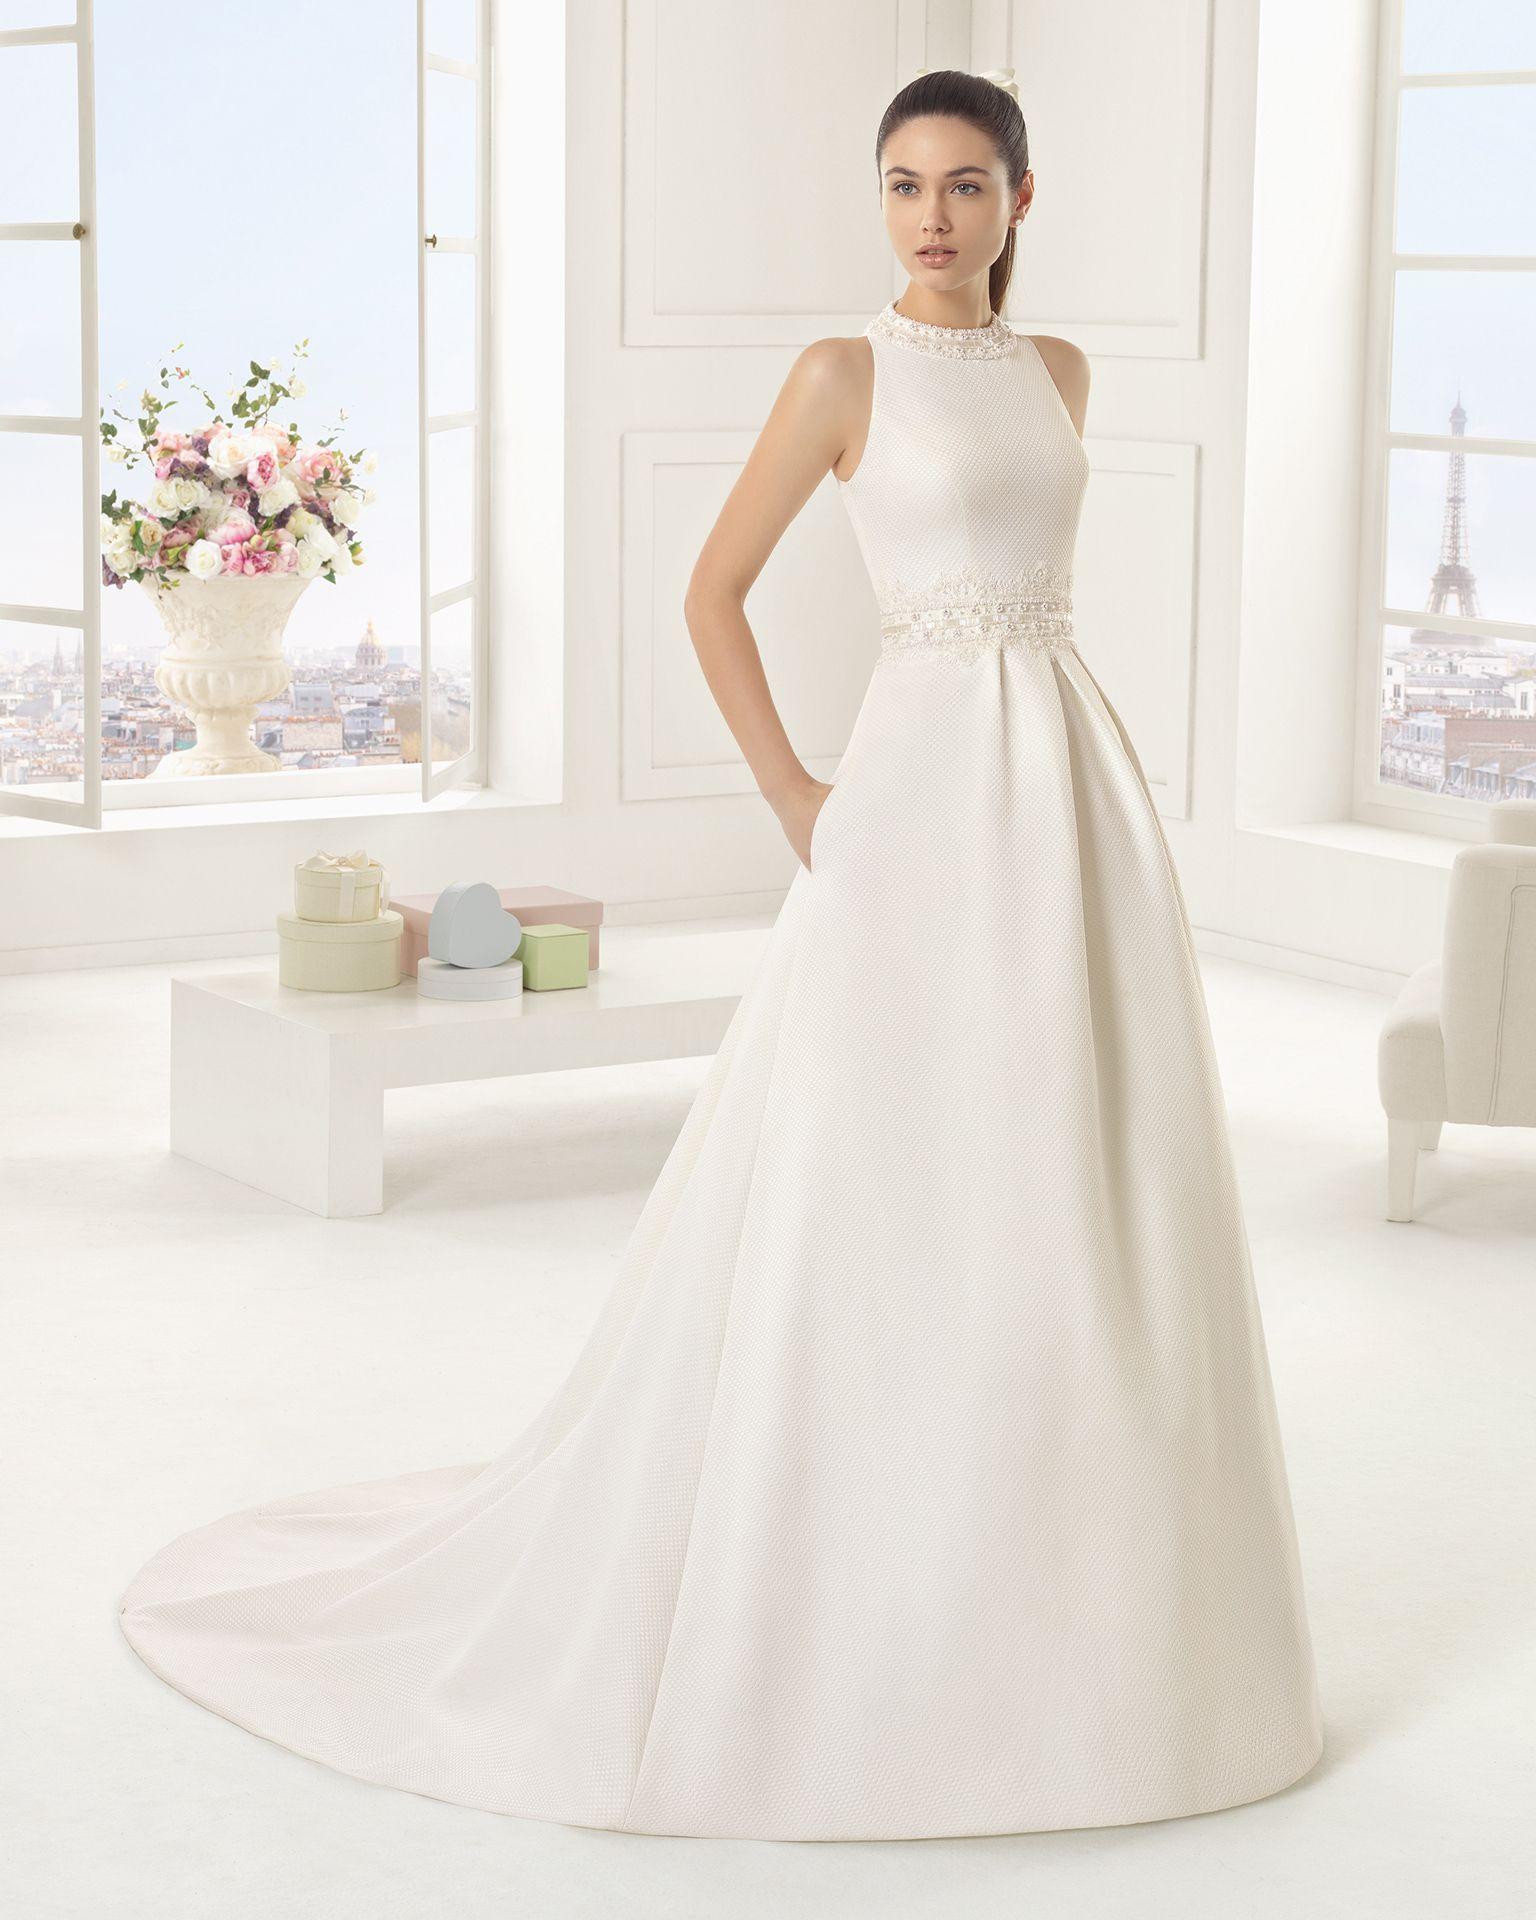 Vestidos de novia y vestidos de fiesta | Rosa clará, Traje de novio ...